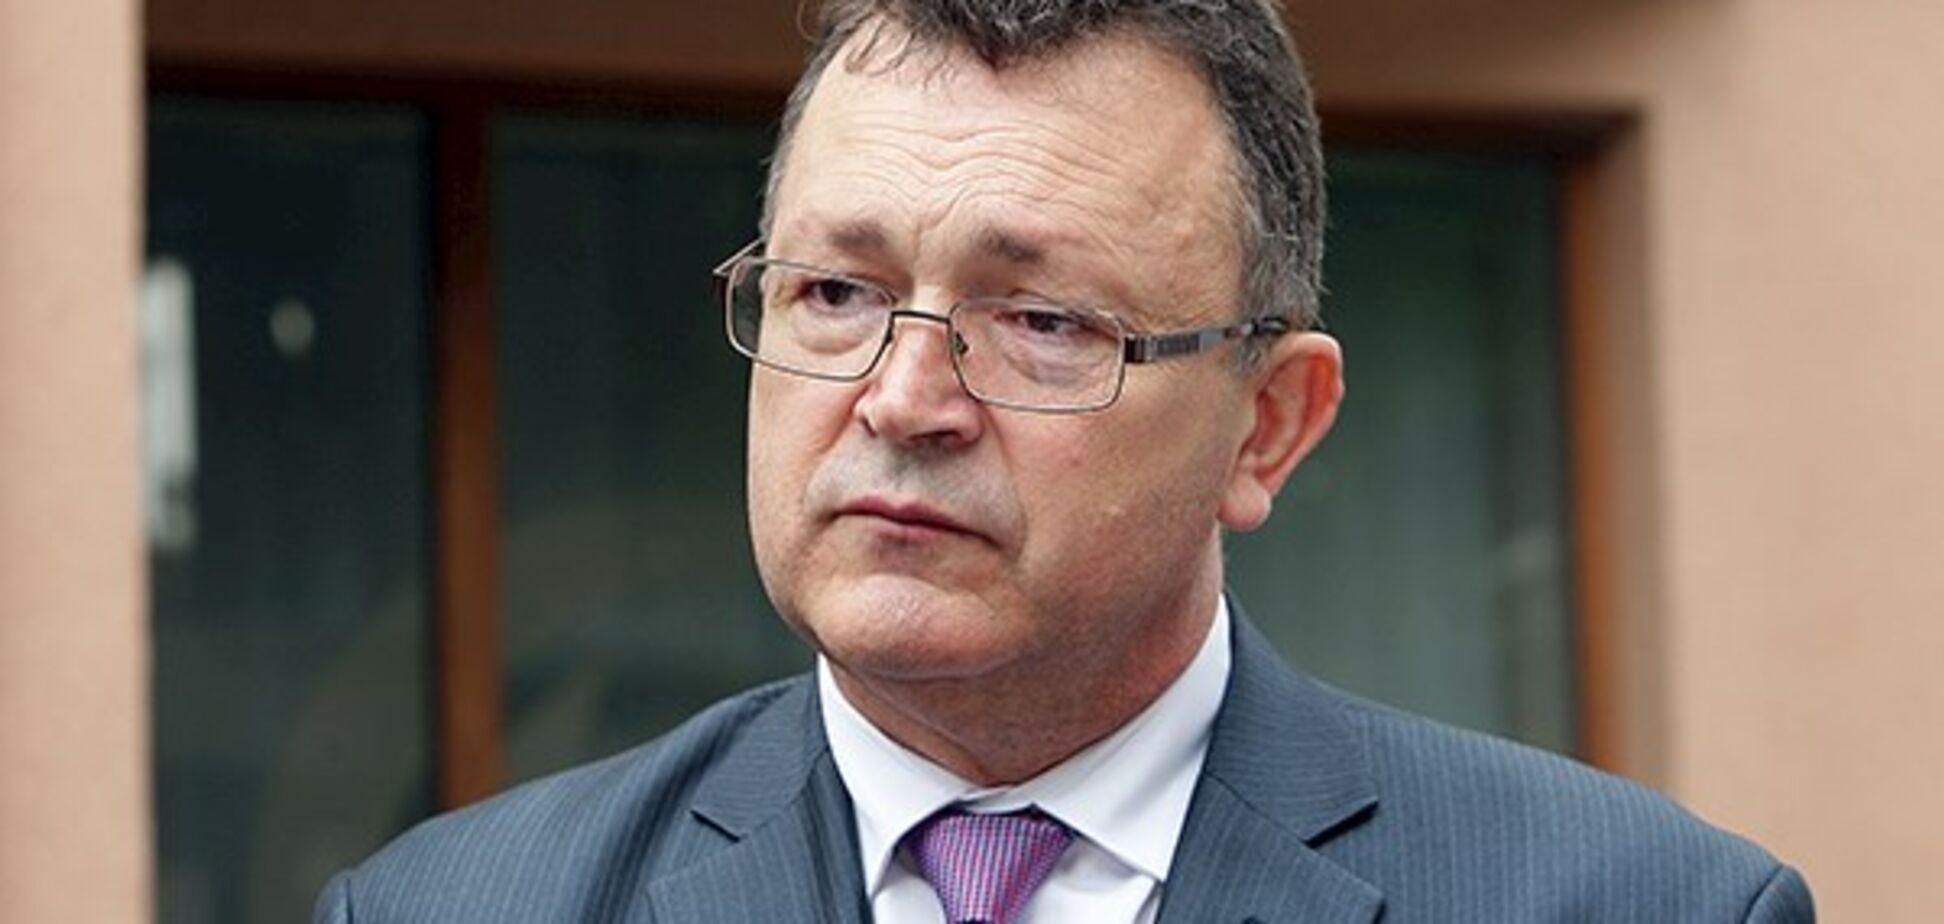 Задержание крымского экс-министра: в прокуратуре разъяснили ситуацию